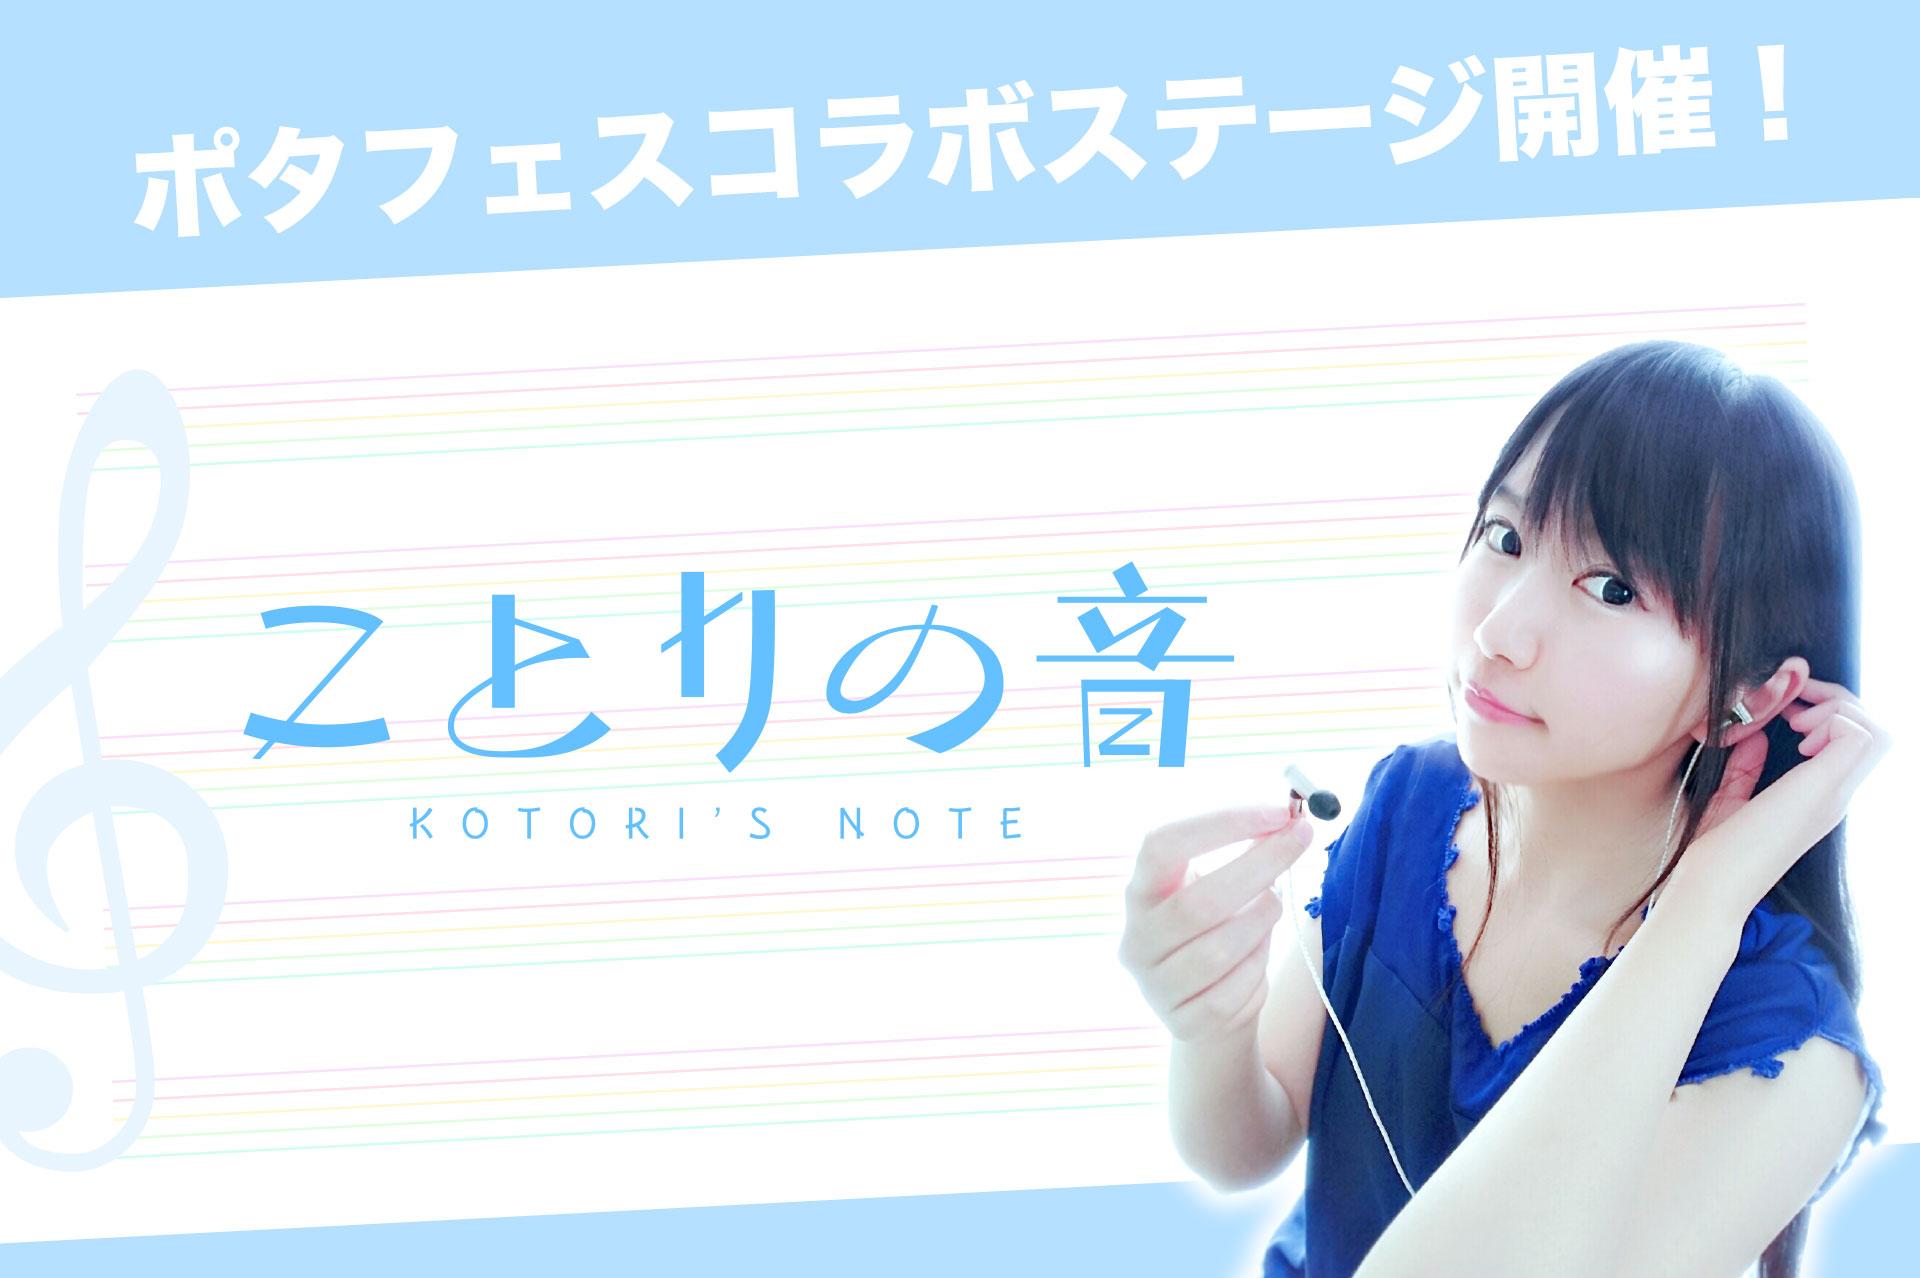 【続報!】ことりの音 in ポタフェス大阪コラボステージ決定!